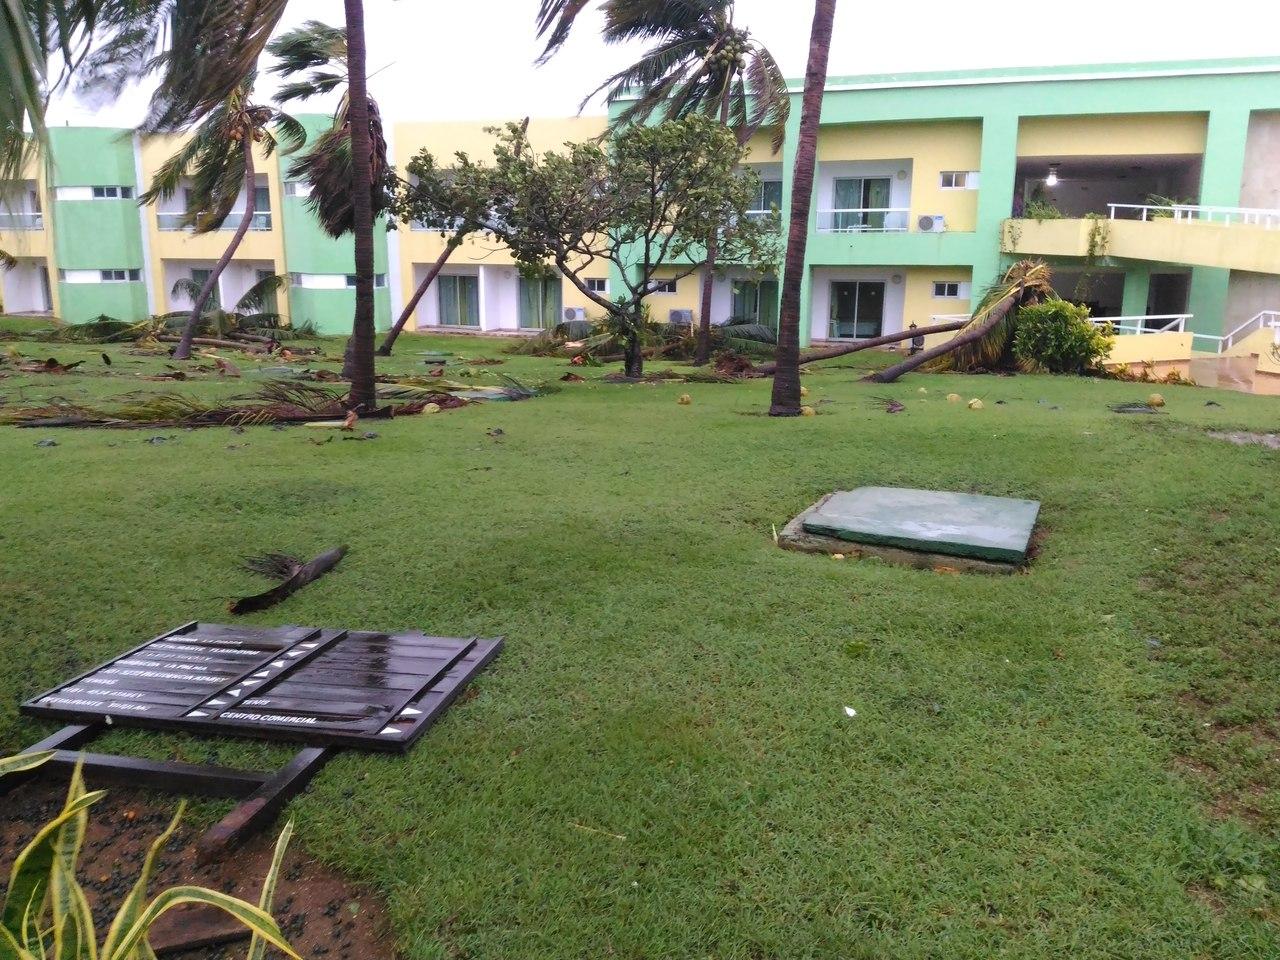 фото варадеро после урагана ирма чтобы